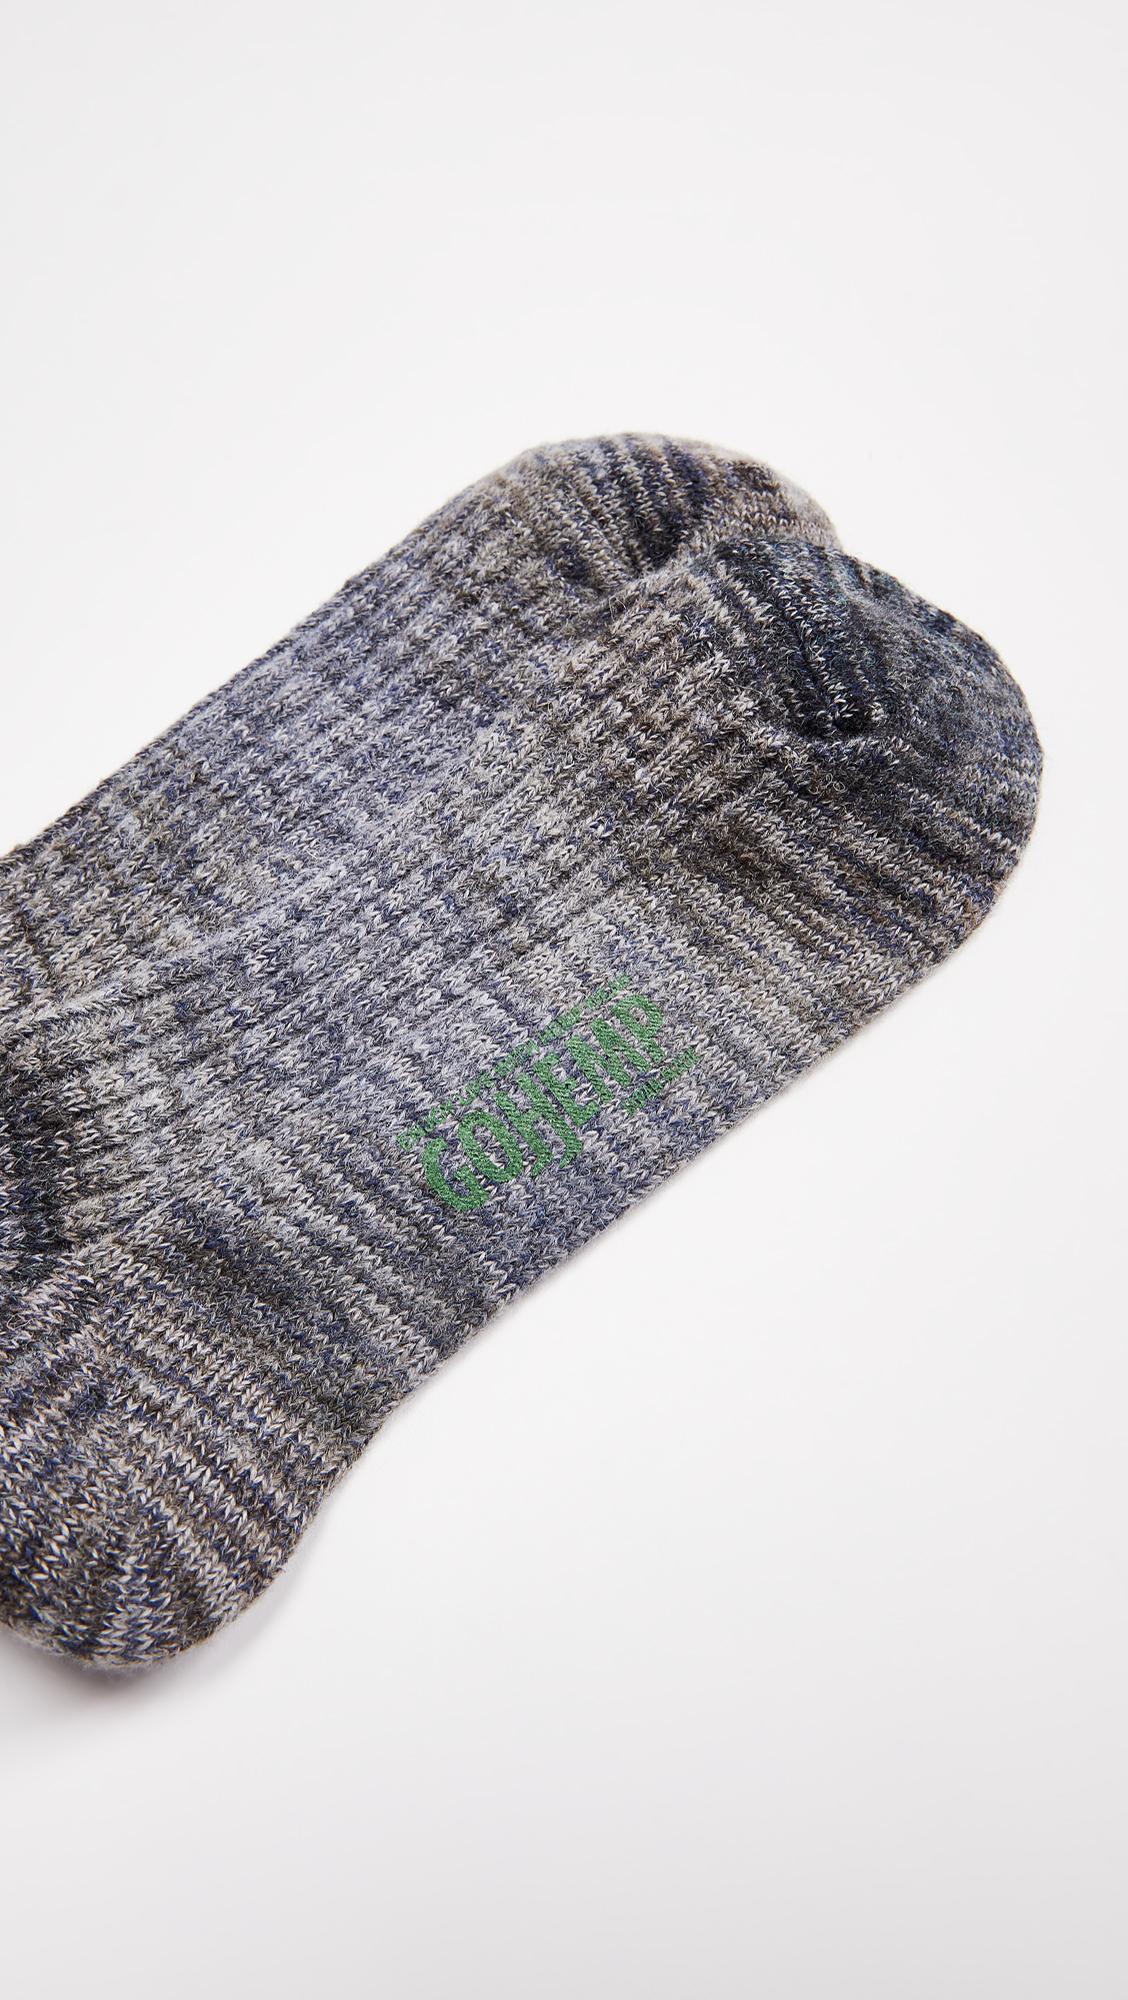 Go Hemp Splash Crew Socks